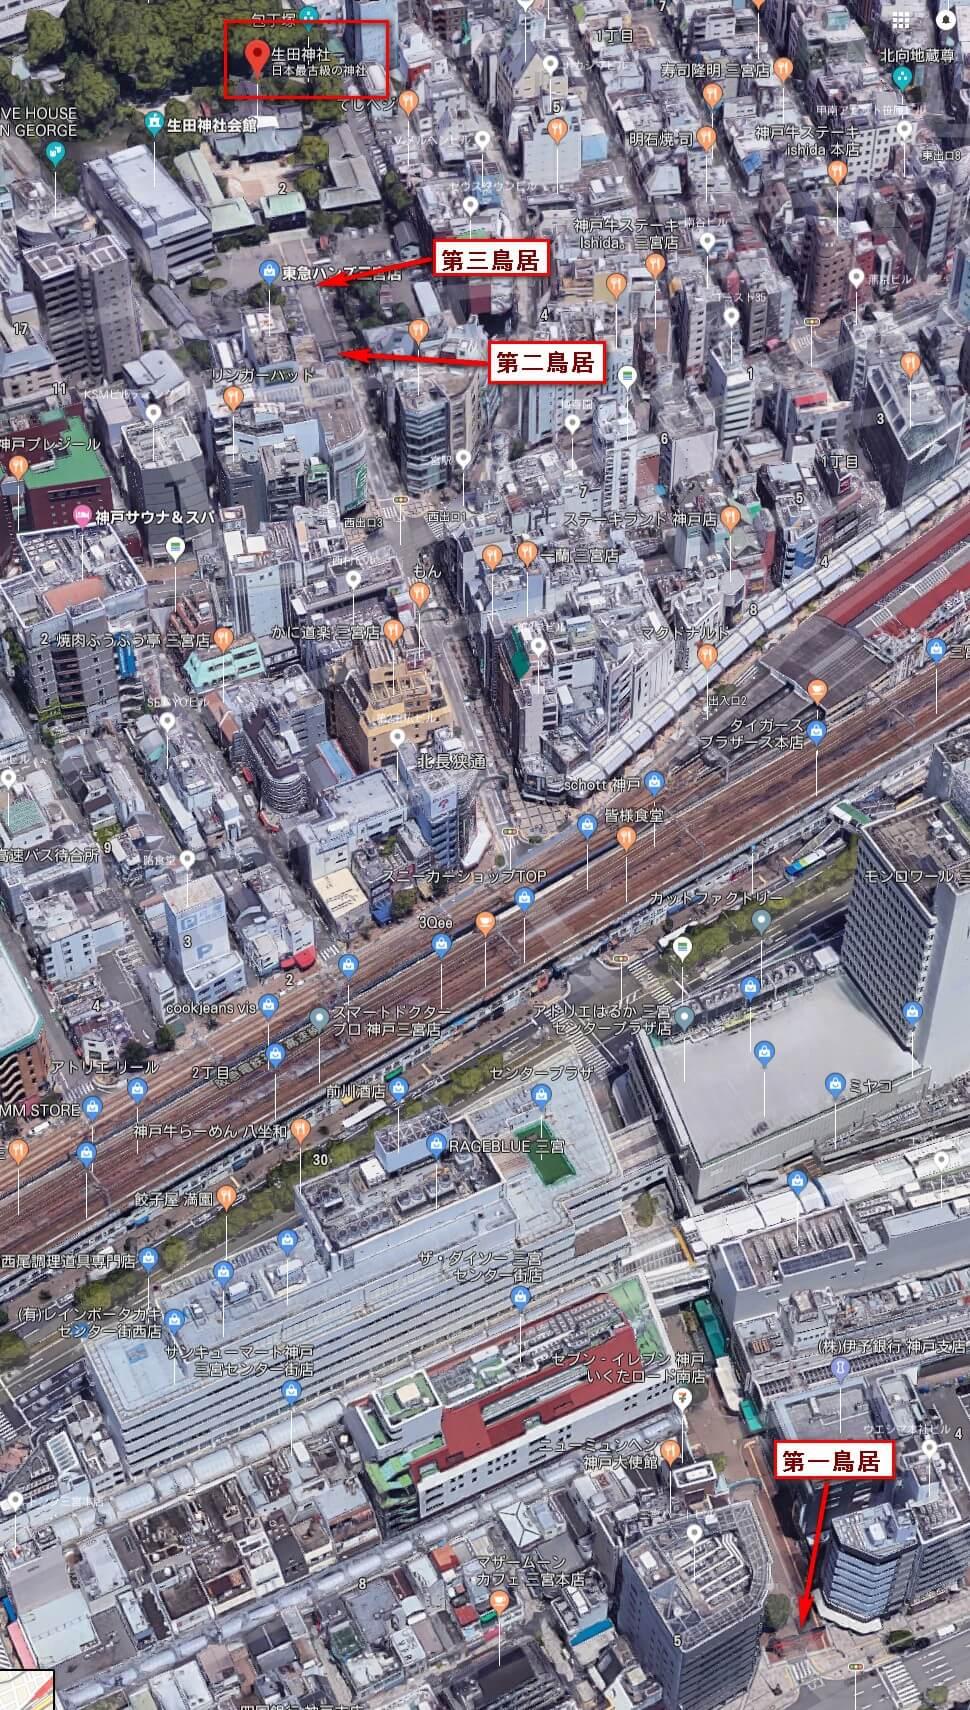 生田神社 第一鳥居 第二鳥居 第三鳥居 地図